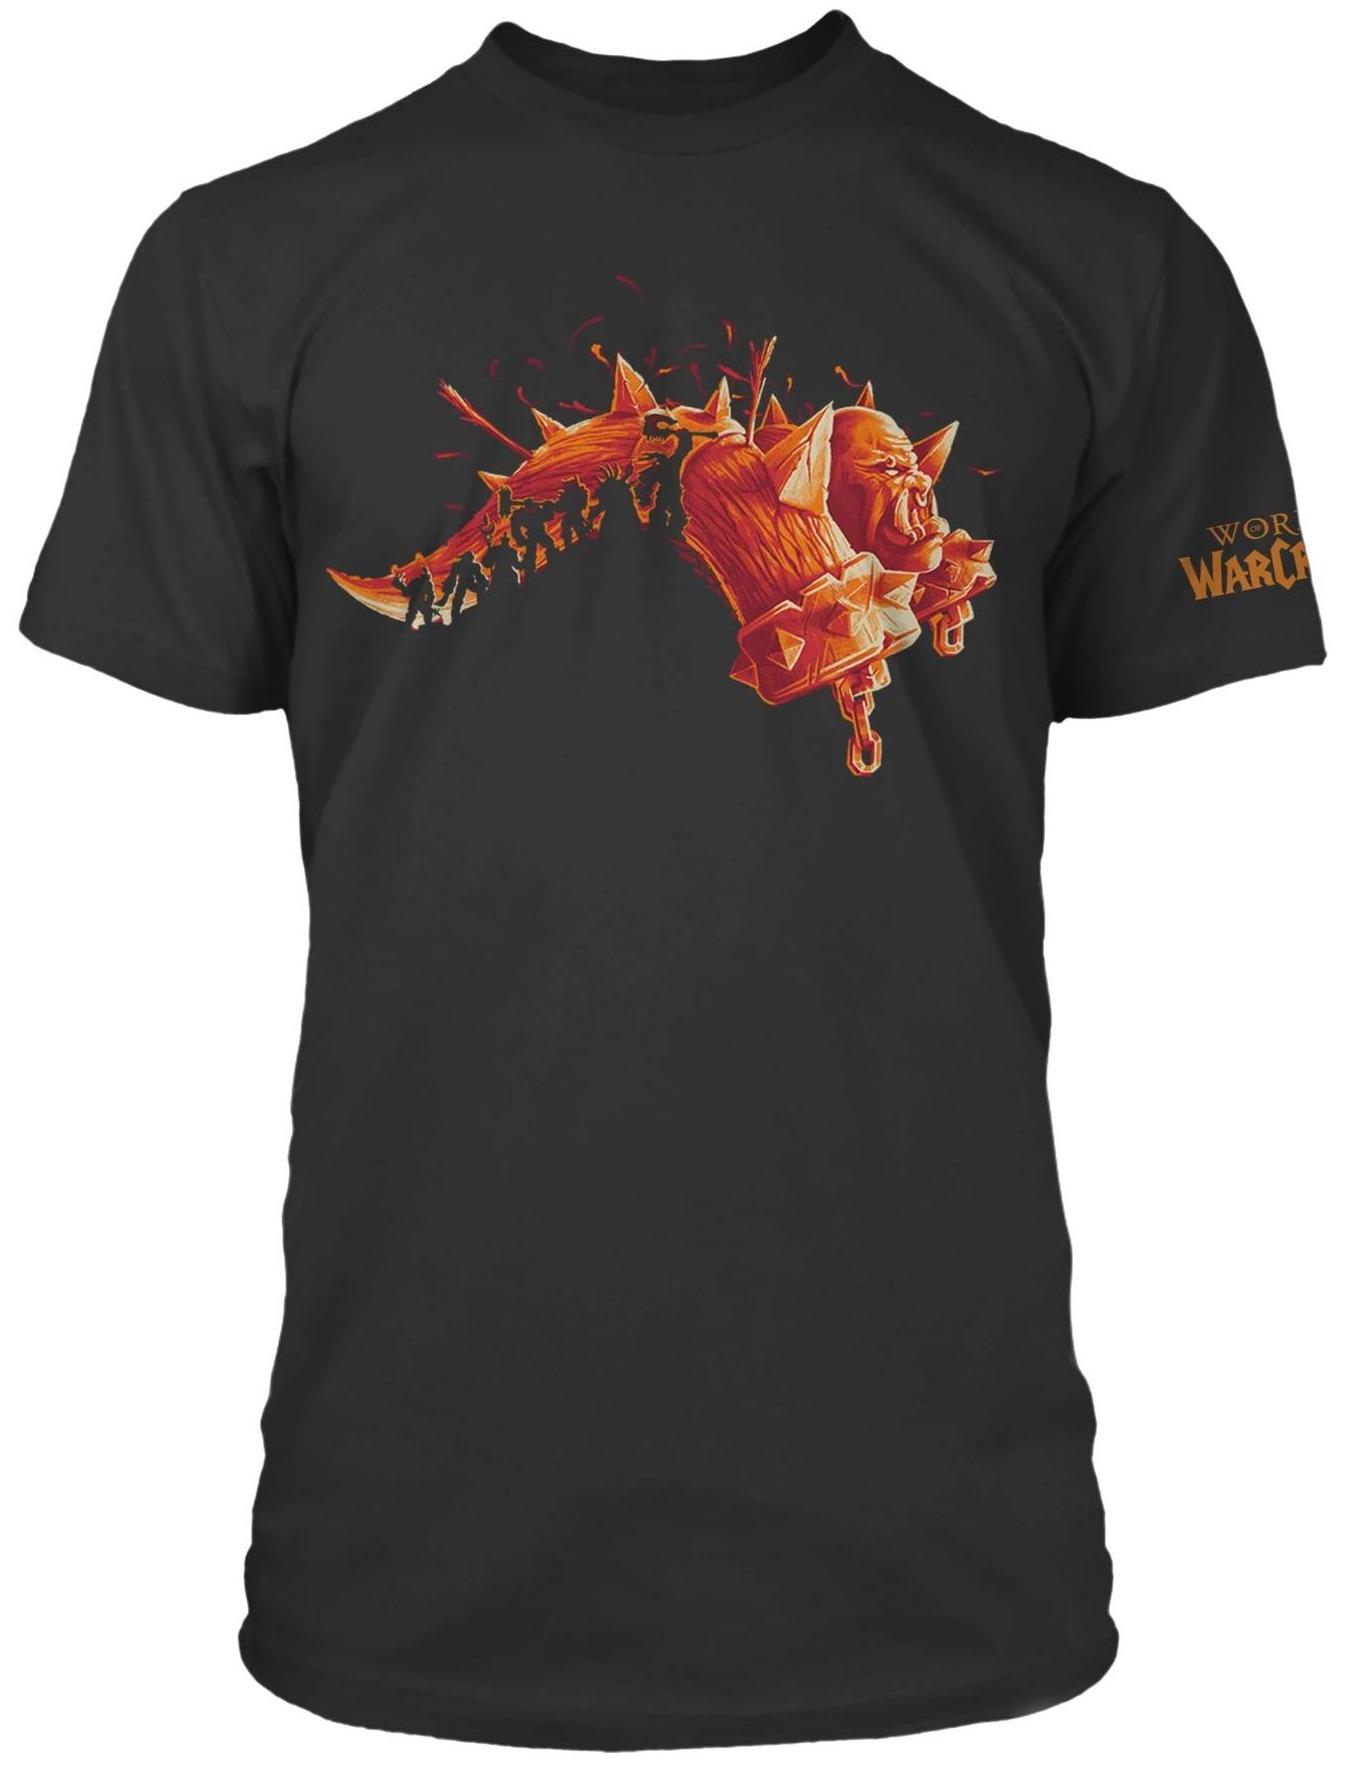 Tričko World of Warcraft - Expansion Series Warlords of Draenor (americká vel. L / evropská XL) (PC)